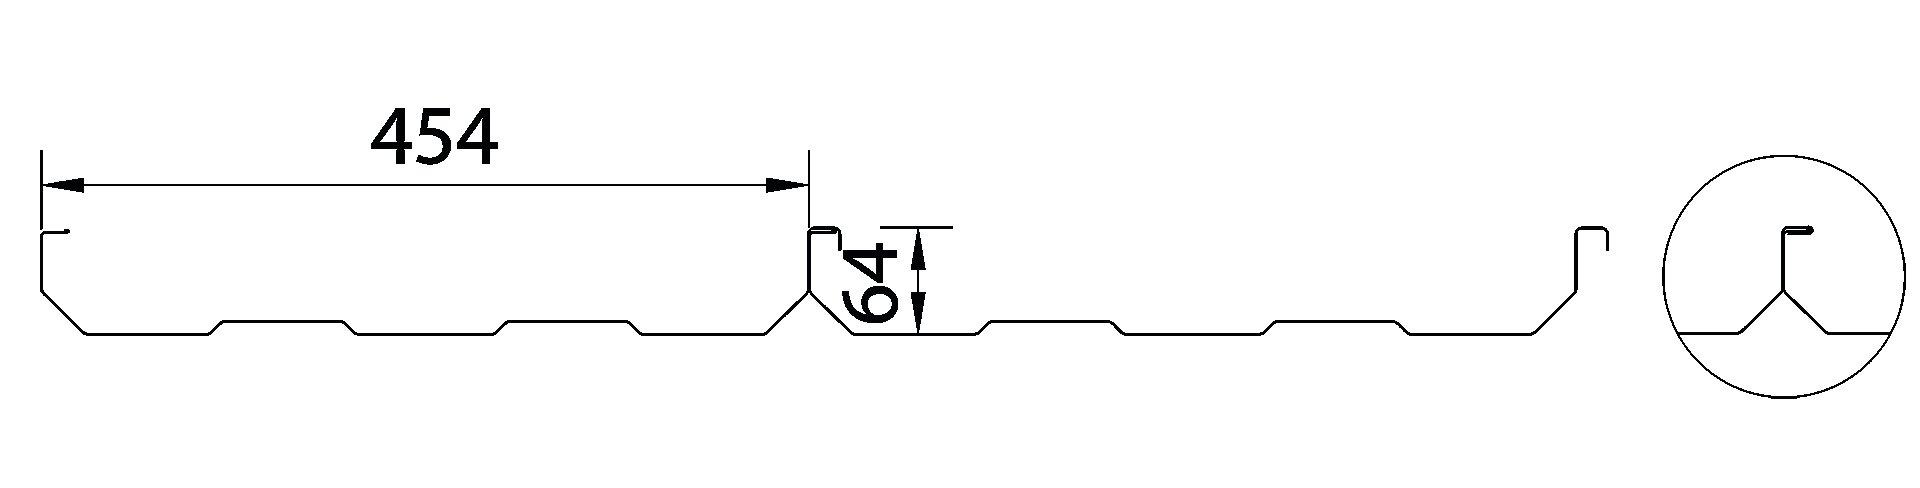 Conformado U-45